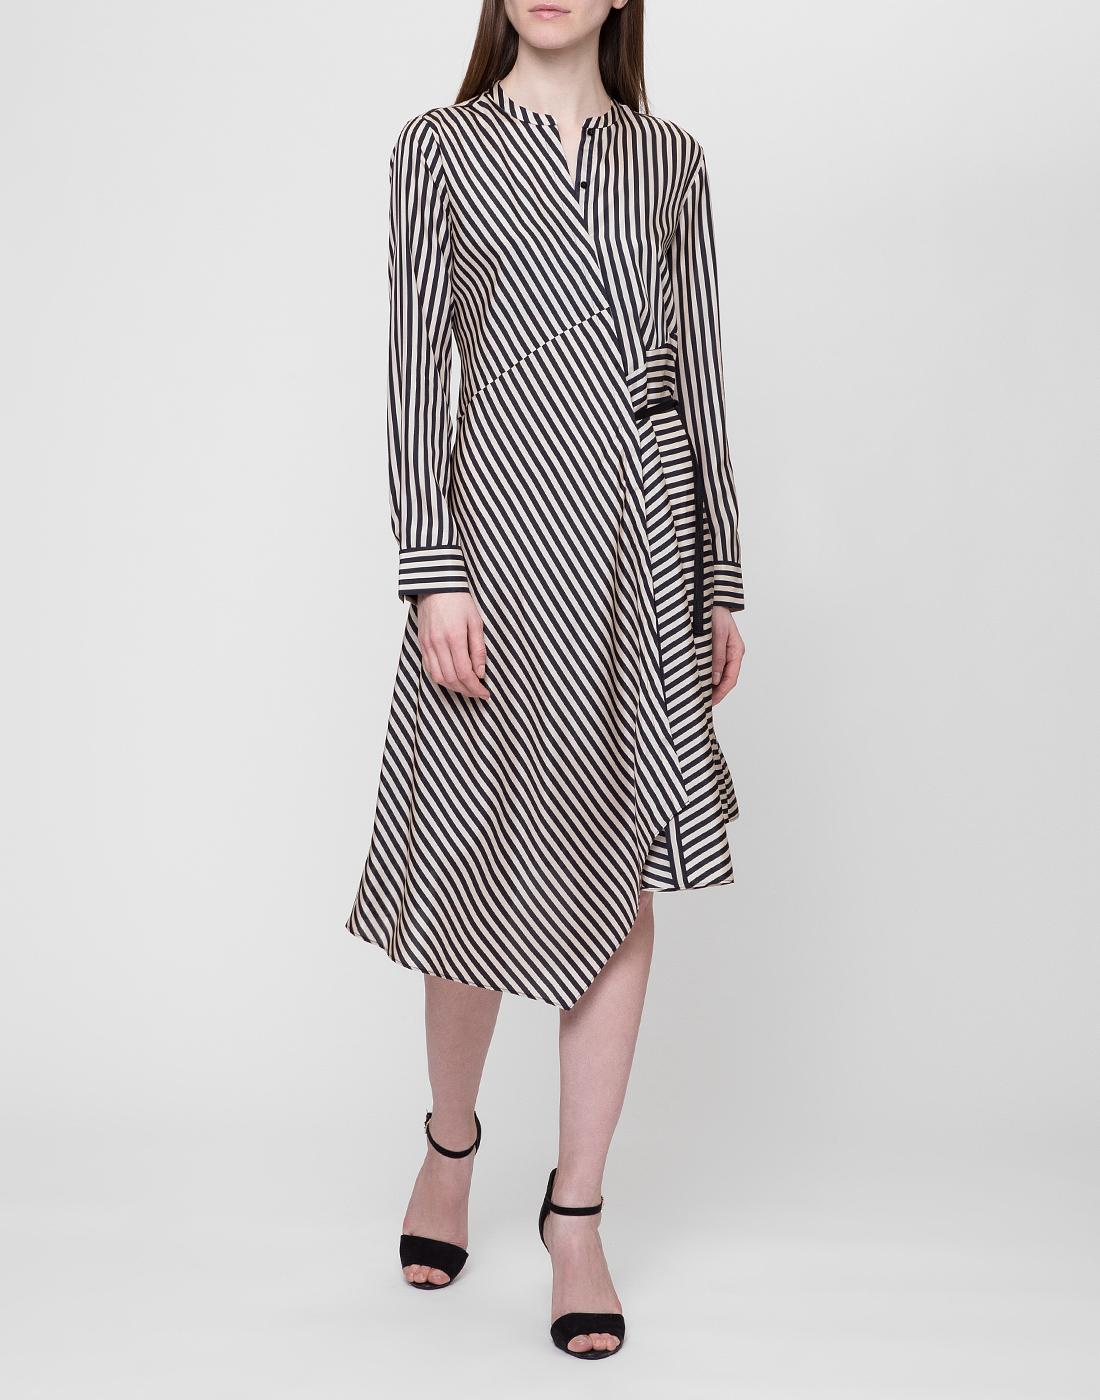 Женское шелковое платье в полоску Dorothee Schumacher S749201/030-2